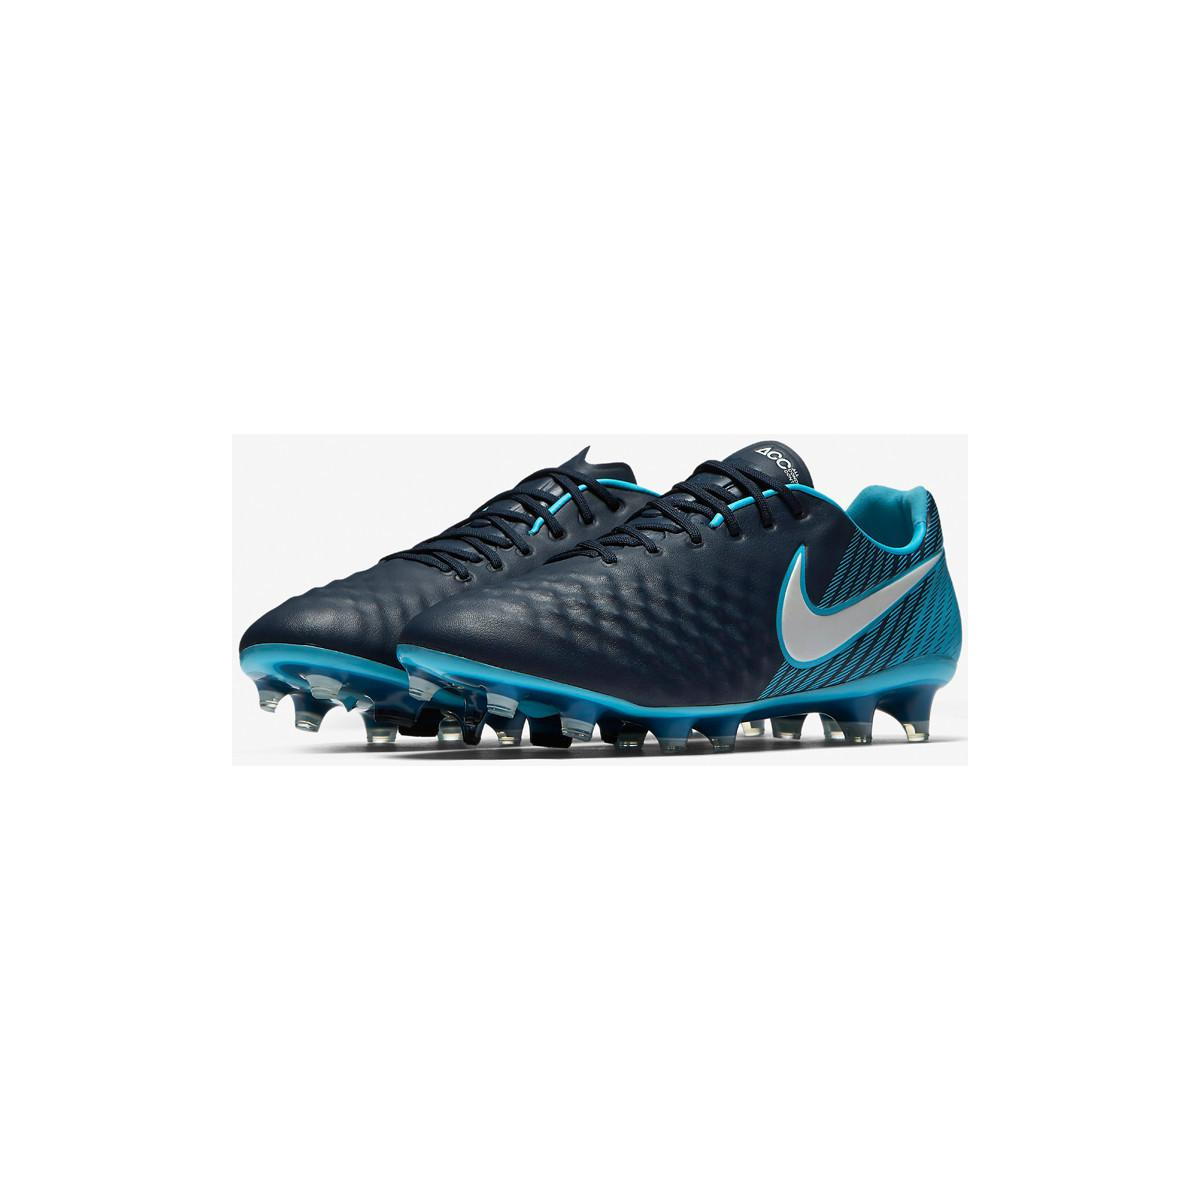 Magista Opus II FG hommes Chaussures de foot en bleu Nike pour homme en coloris Bleu